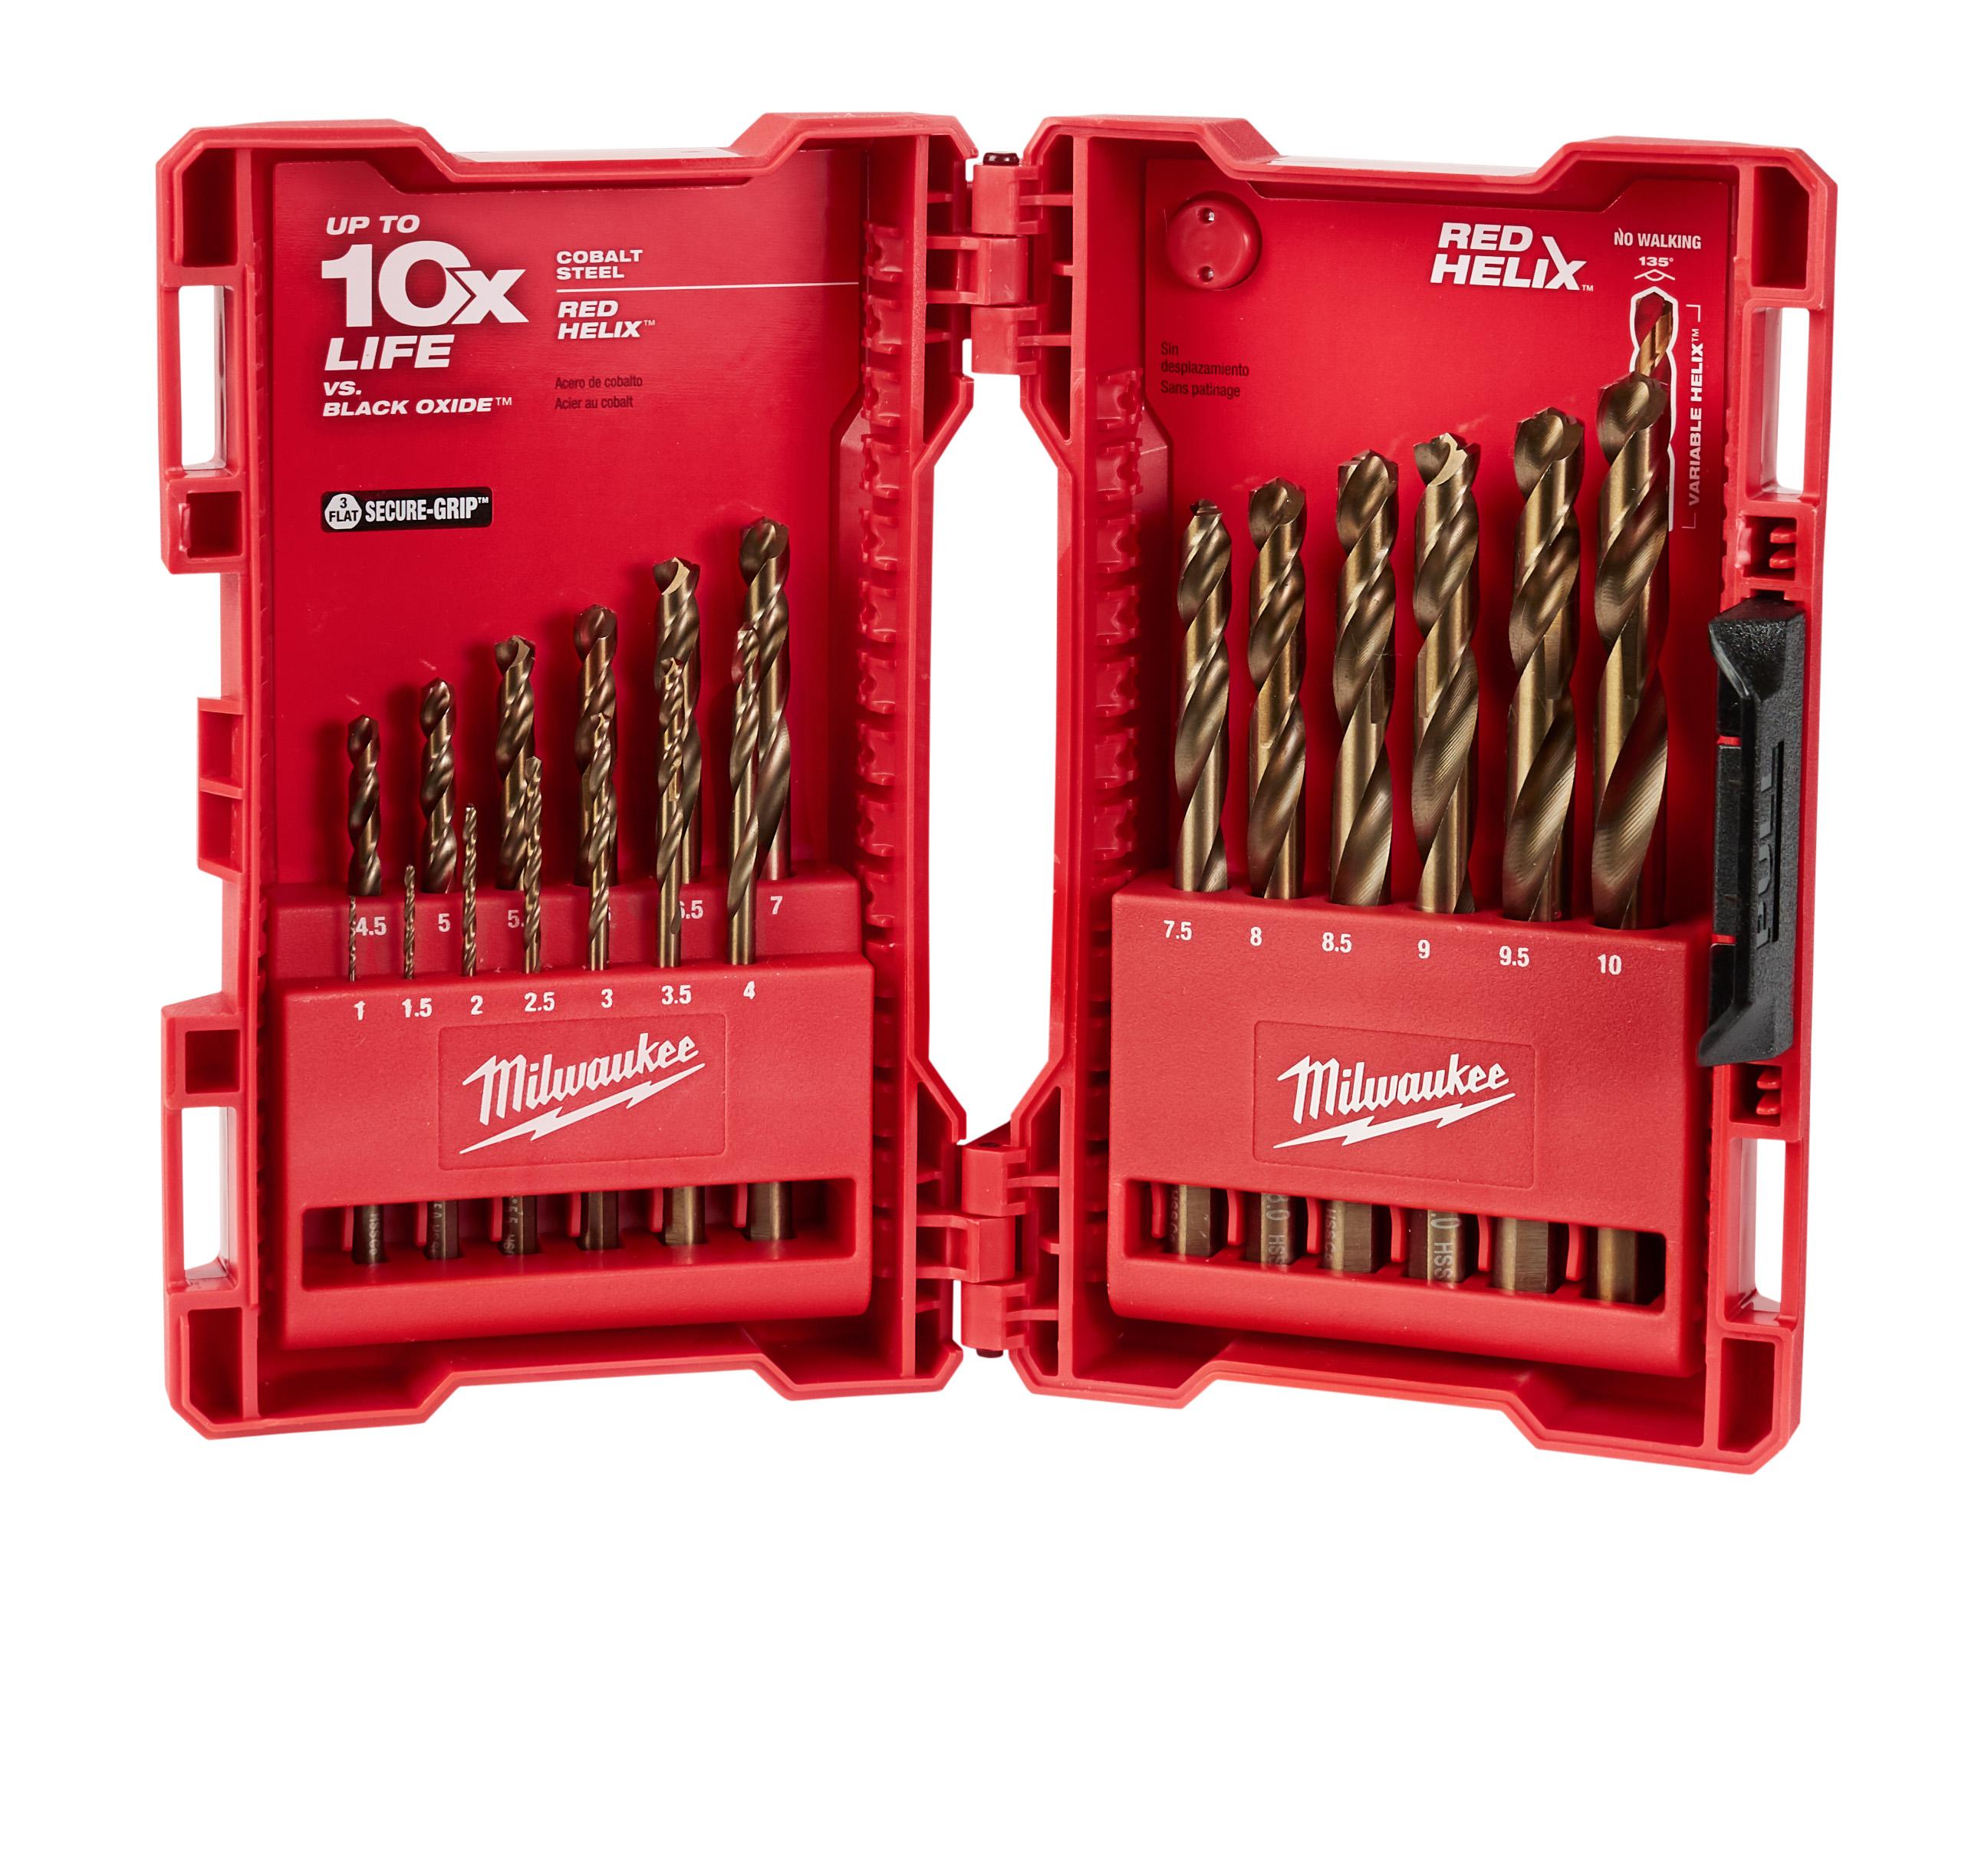 Milwaukee® RED HELIX™ 48-89-2530 Drill Bit Set, 1 mm Min Drill Bit, 10 mm Max Drill Bit, 135 deg Drill Point Angle, 19 Pieces, Cobalt